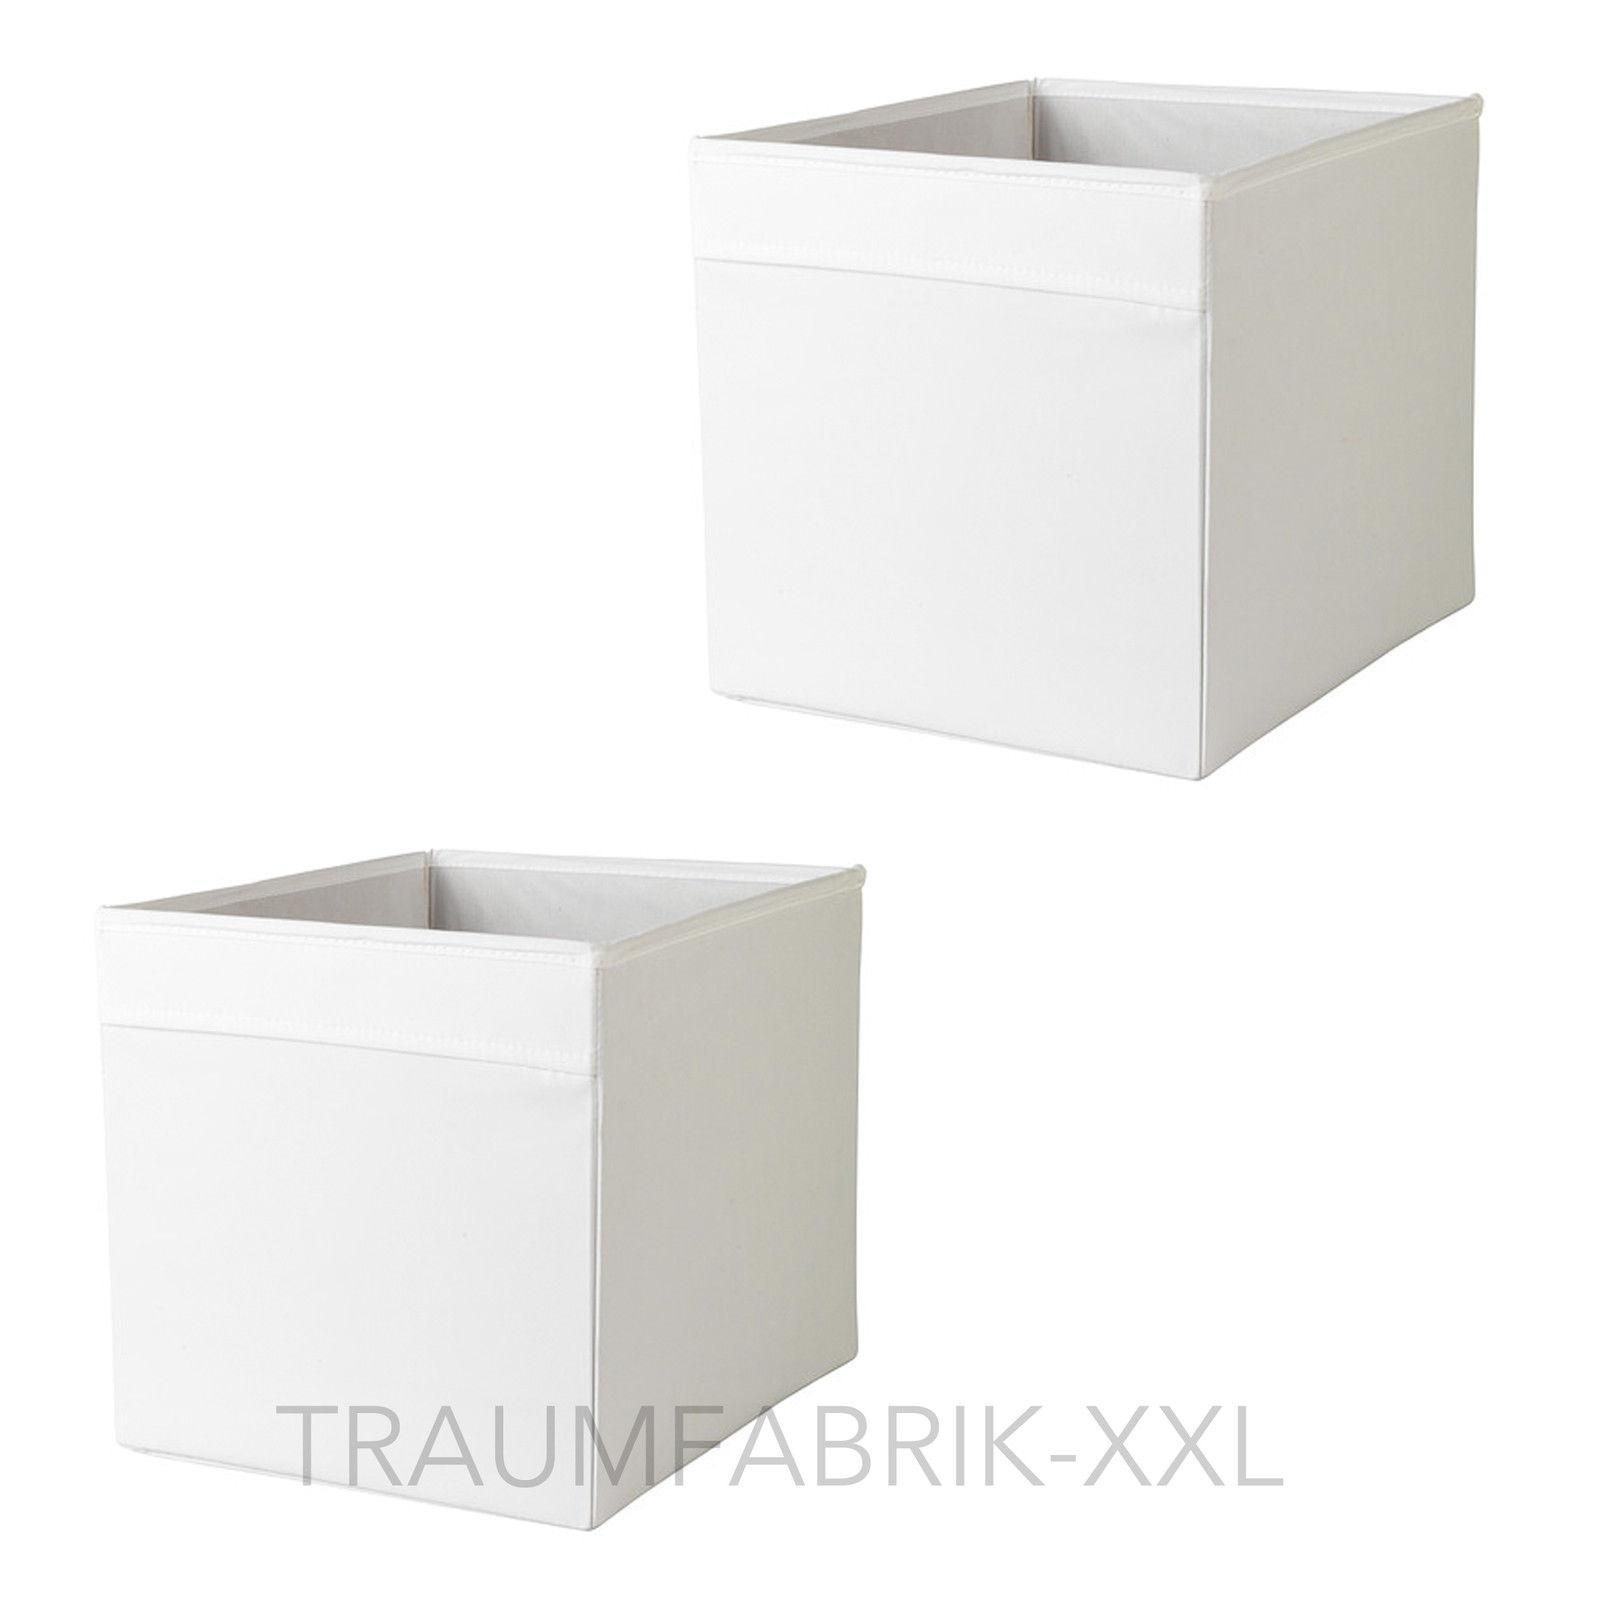 2 aufbewahrungsboxen wei aufbewahrung box regalbox f r expedit zeitungsfach neu traumfabrik xxl. Black Bedroom Furniture Sets. Home Design Ideas